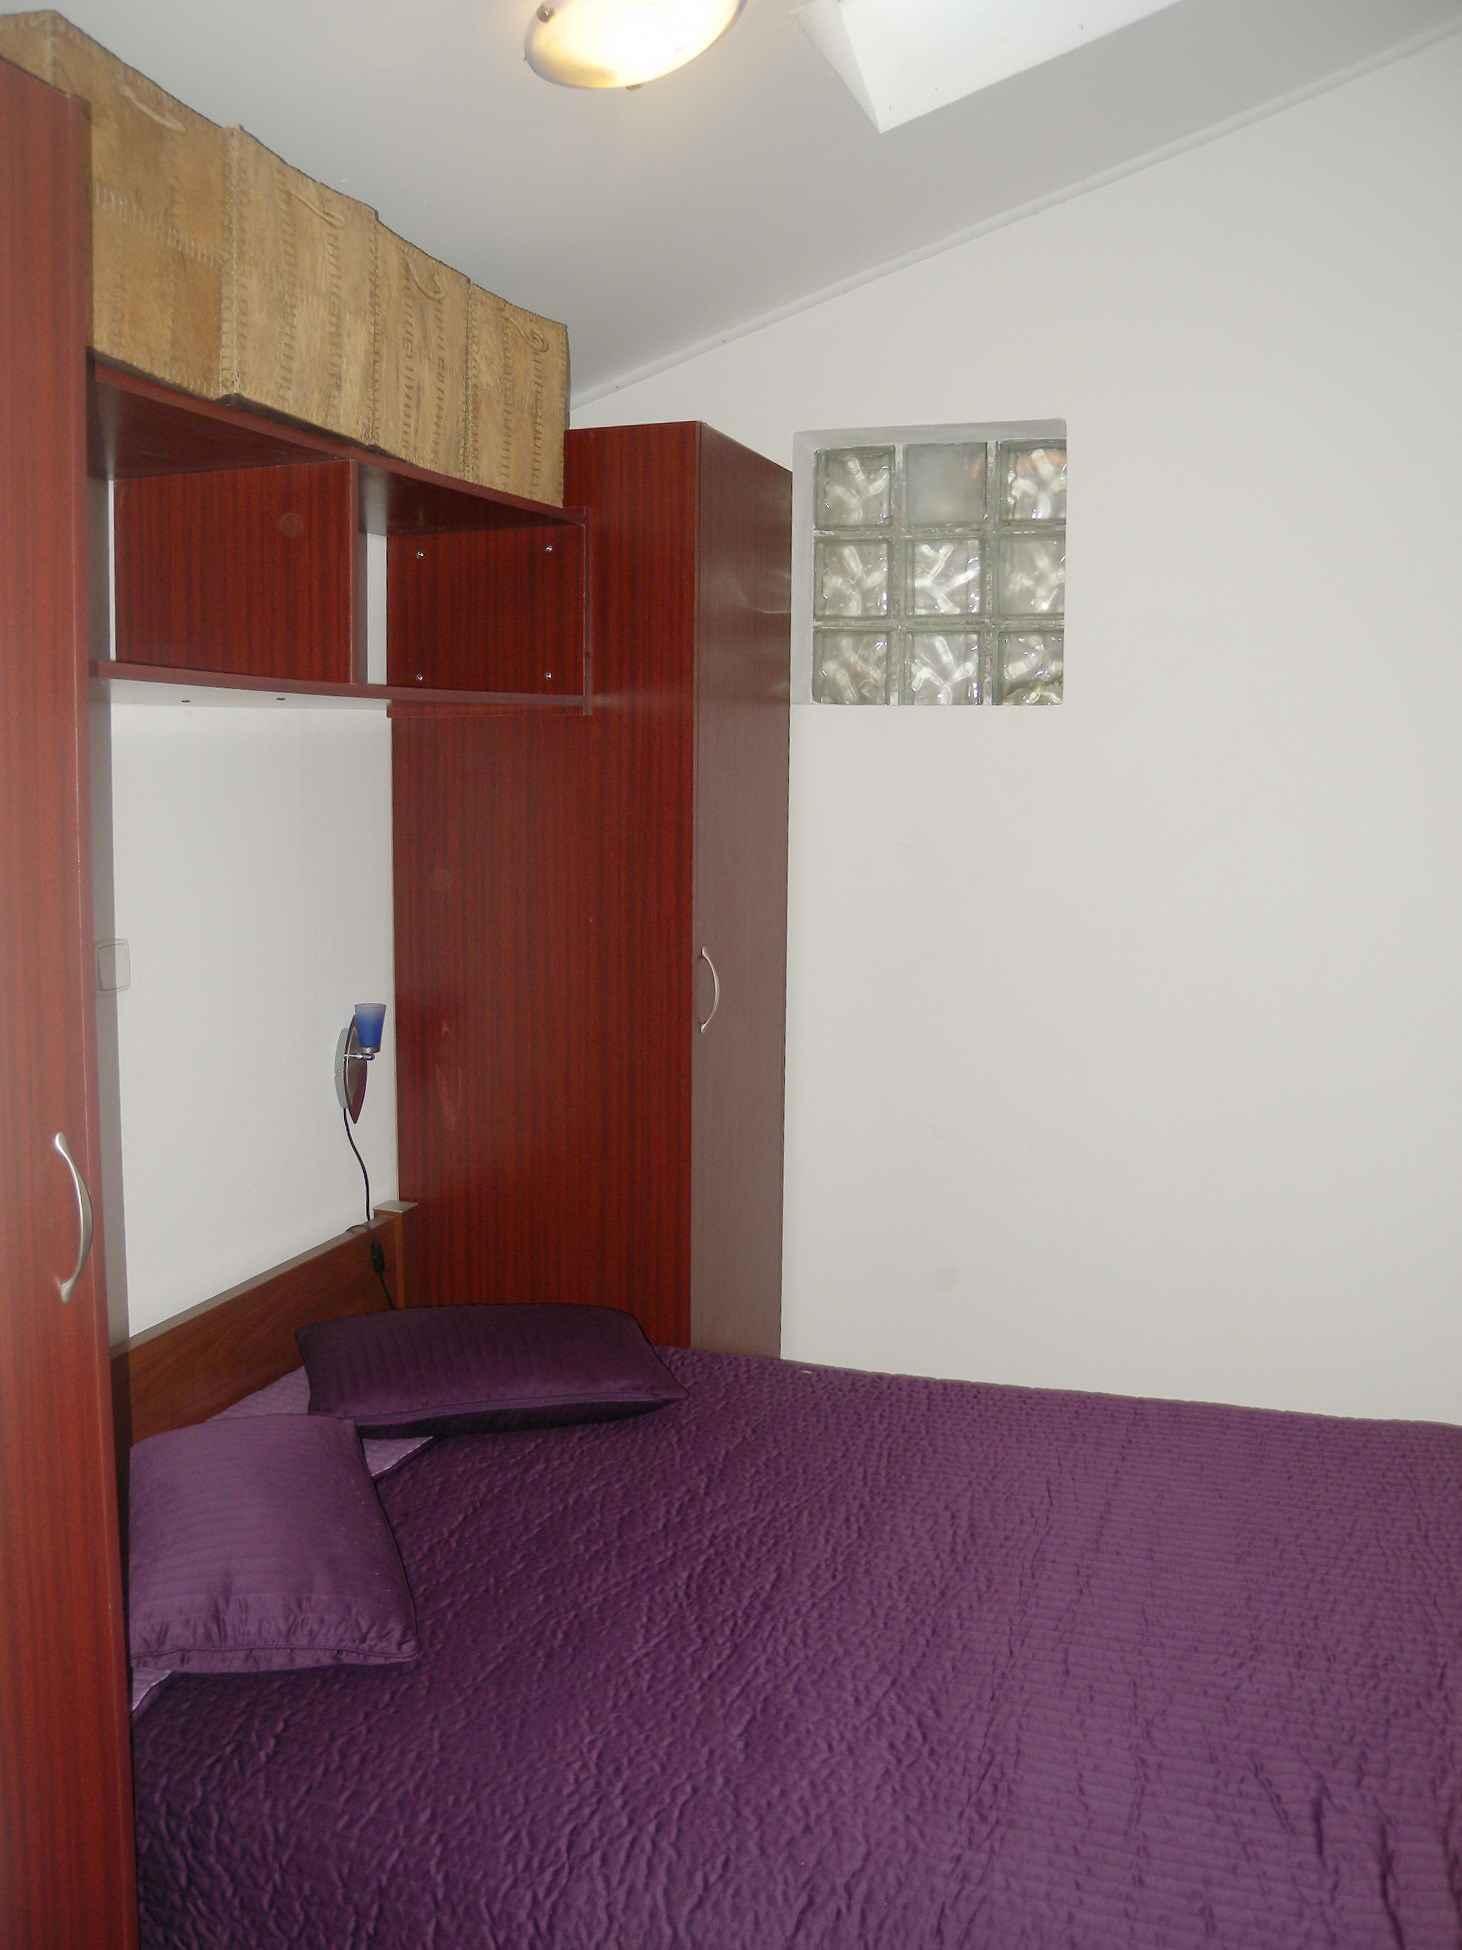 Ferienwohnung mit Klimaanlage (280657), Pula, , Istrien, Kroatien, Bild 10